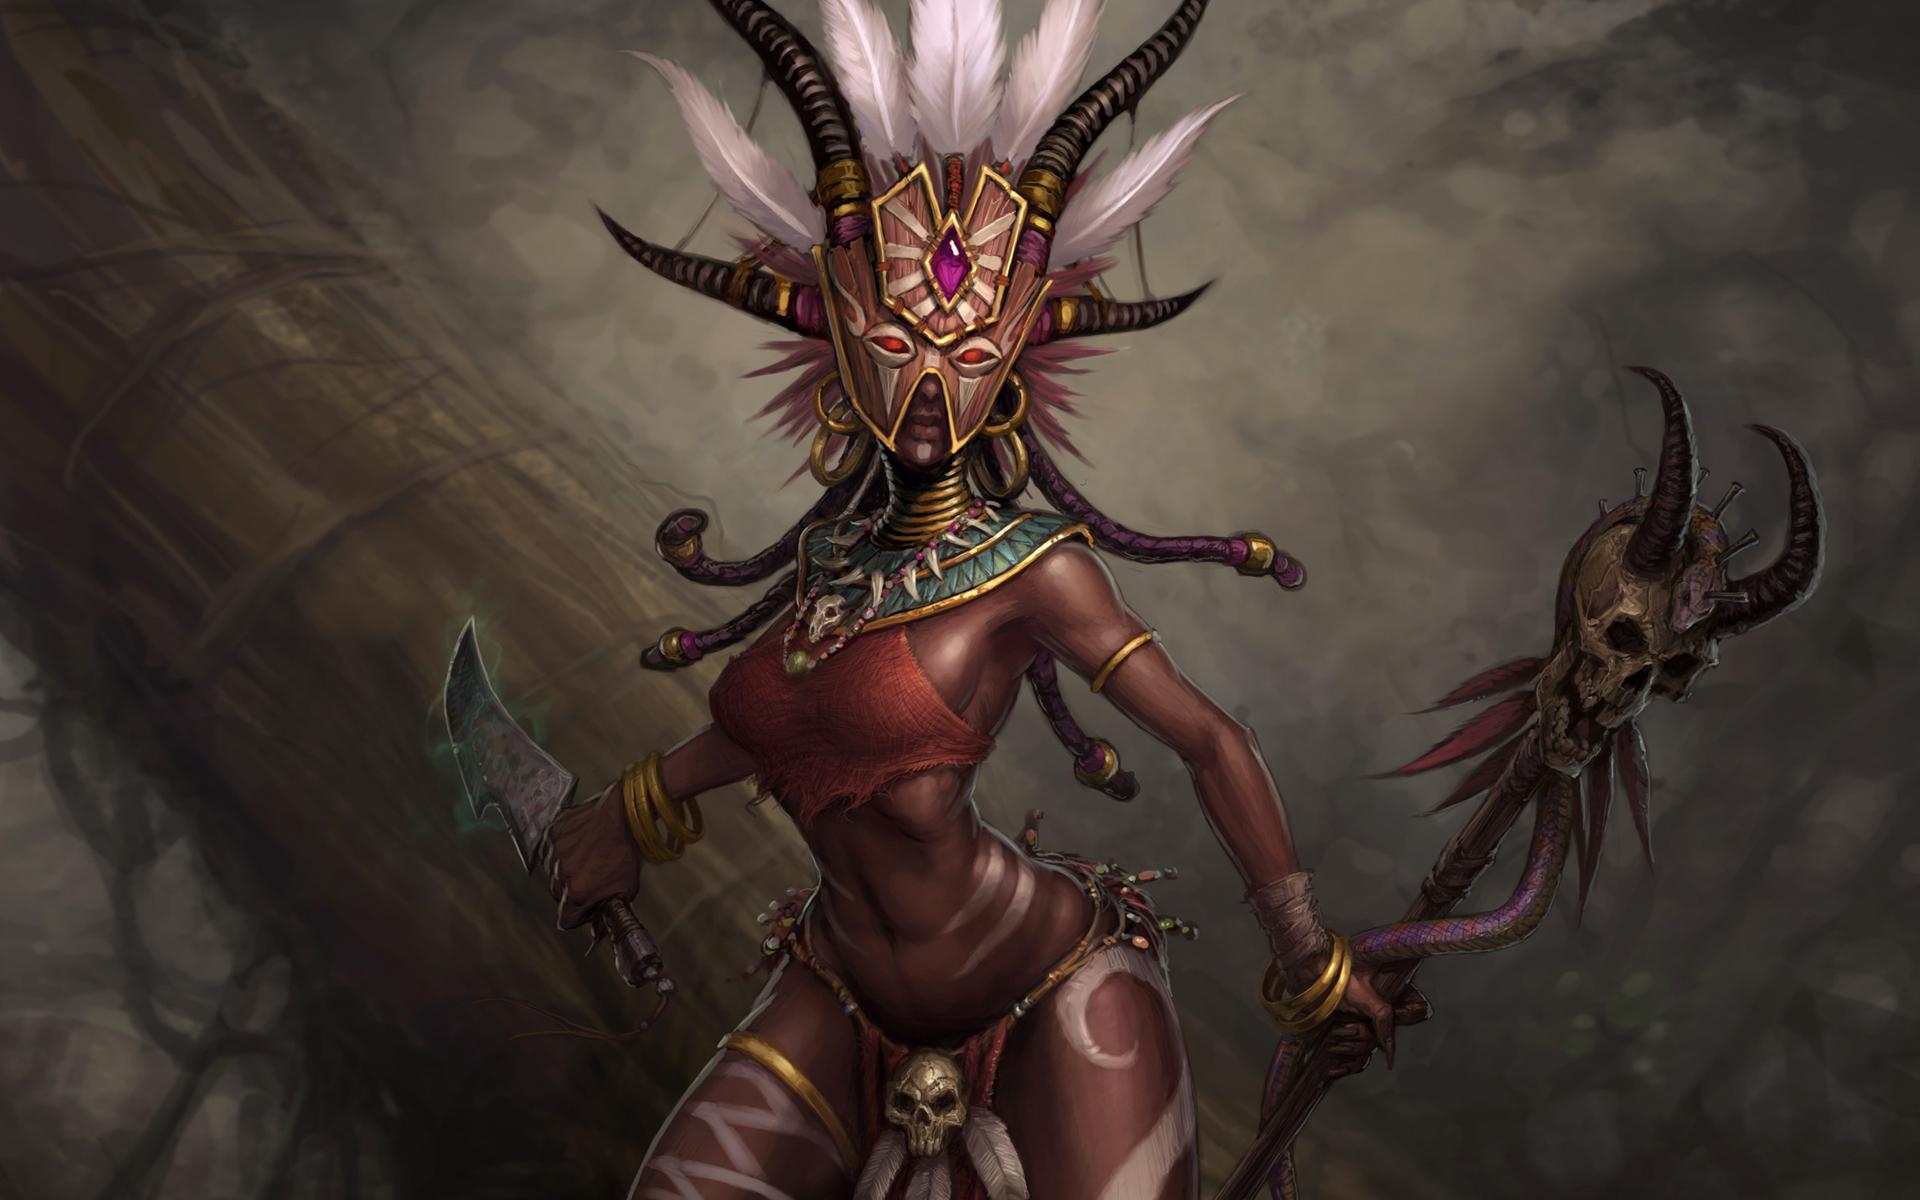 Diablo 3 Wallpaper 1920x1080: Diablo 3 Witch Doctor Wallpaper